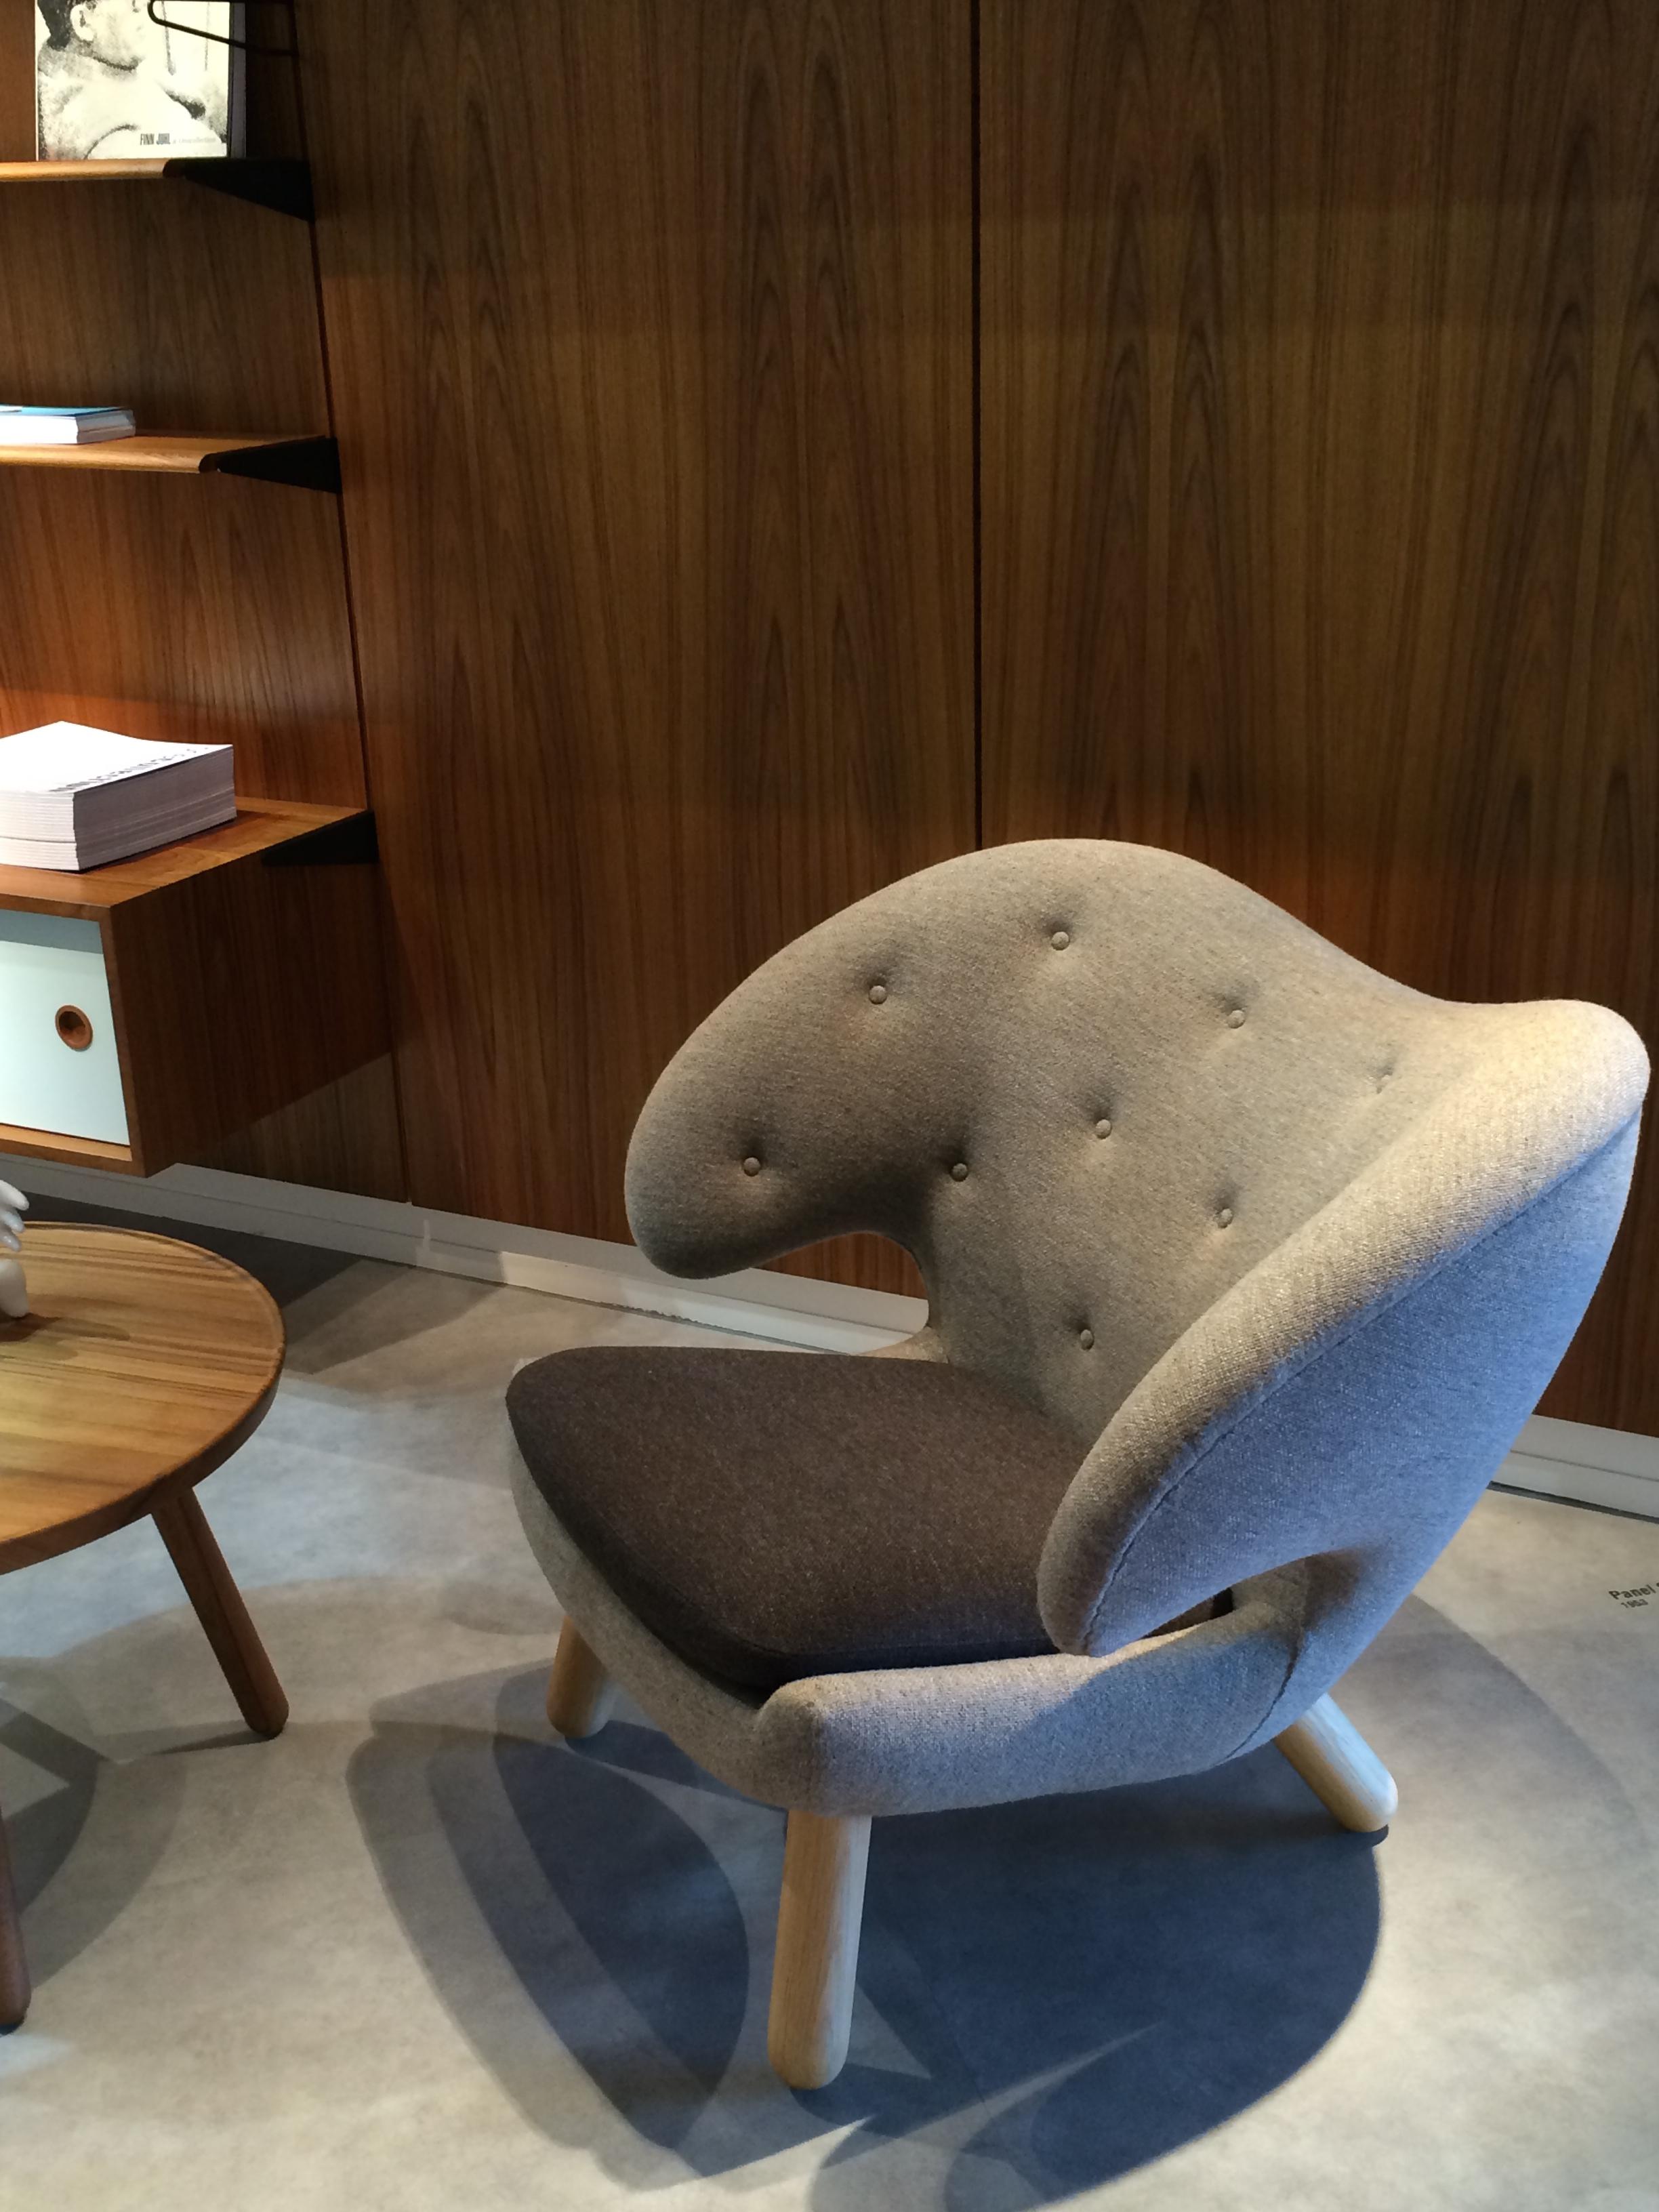 Le fauteuil pelican dessin par finn juhl en 1940 est enfin r dit par one collection ultra - Fauteuil pelican finn juhl ...